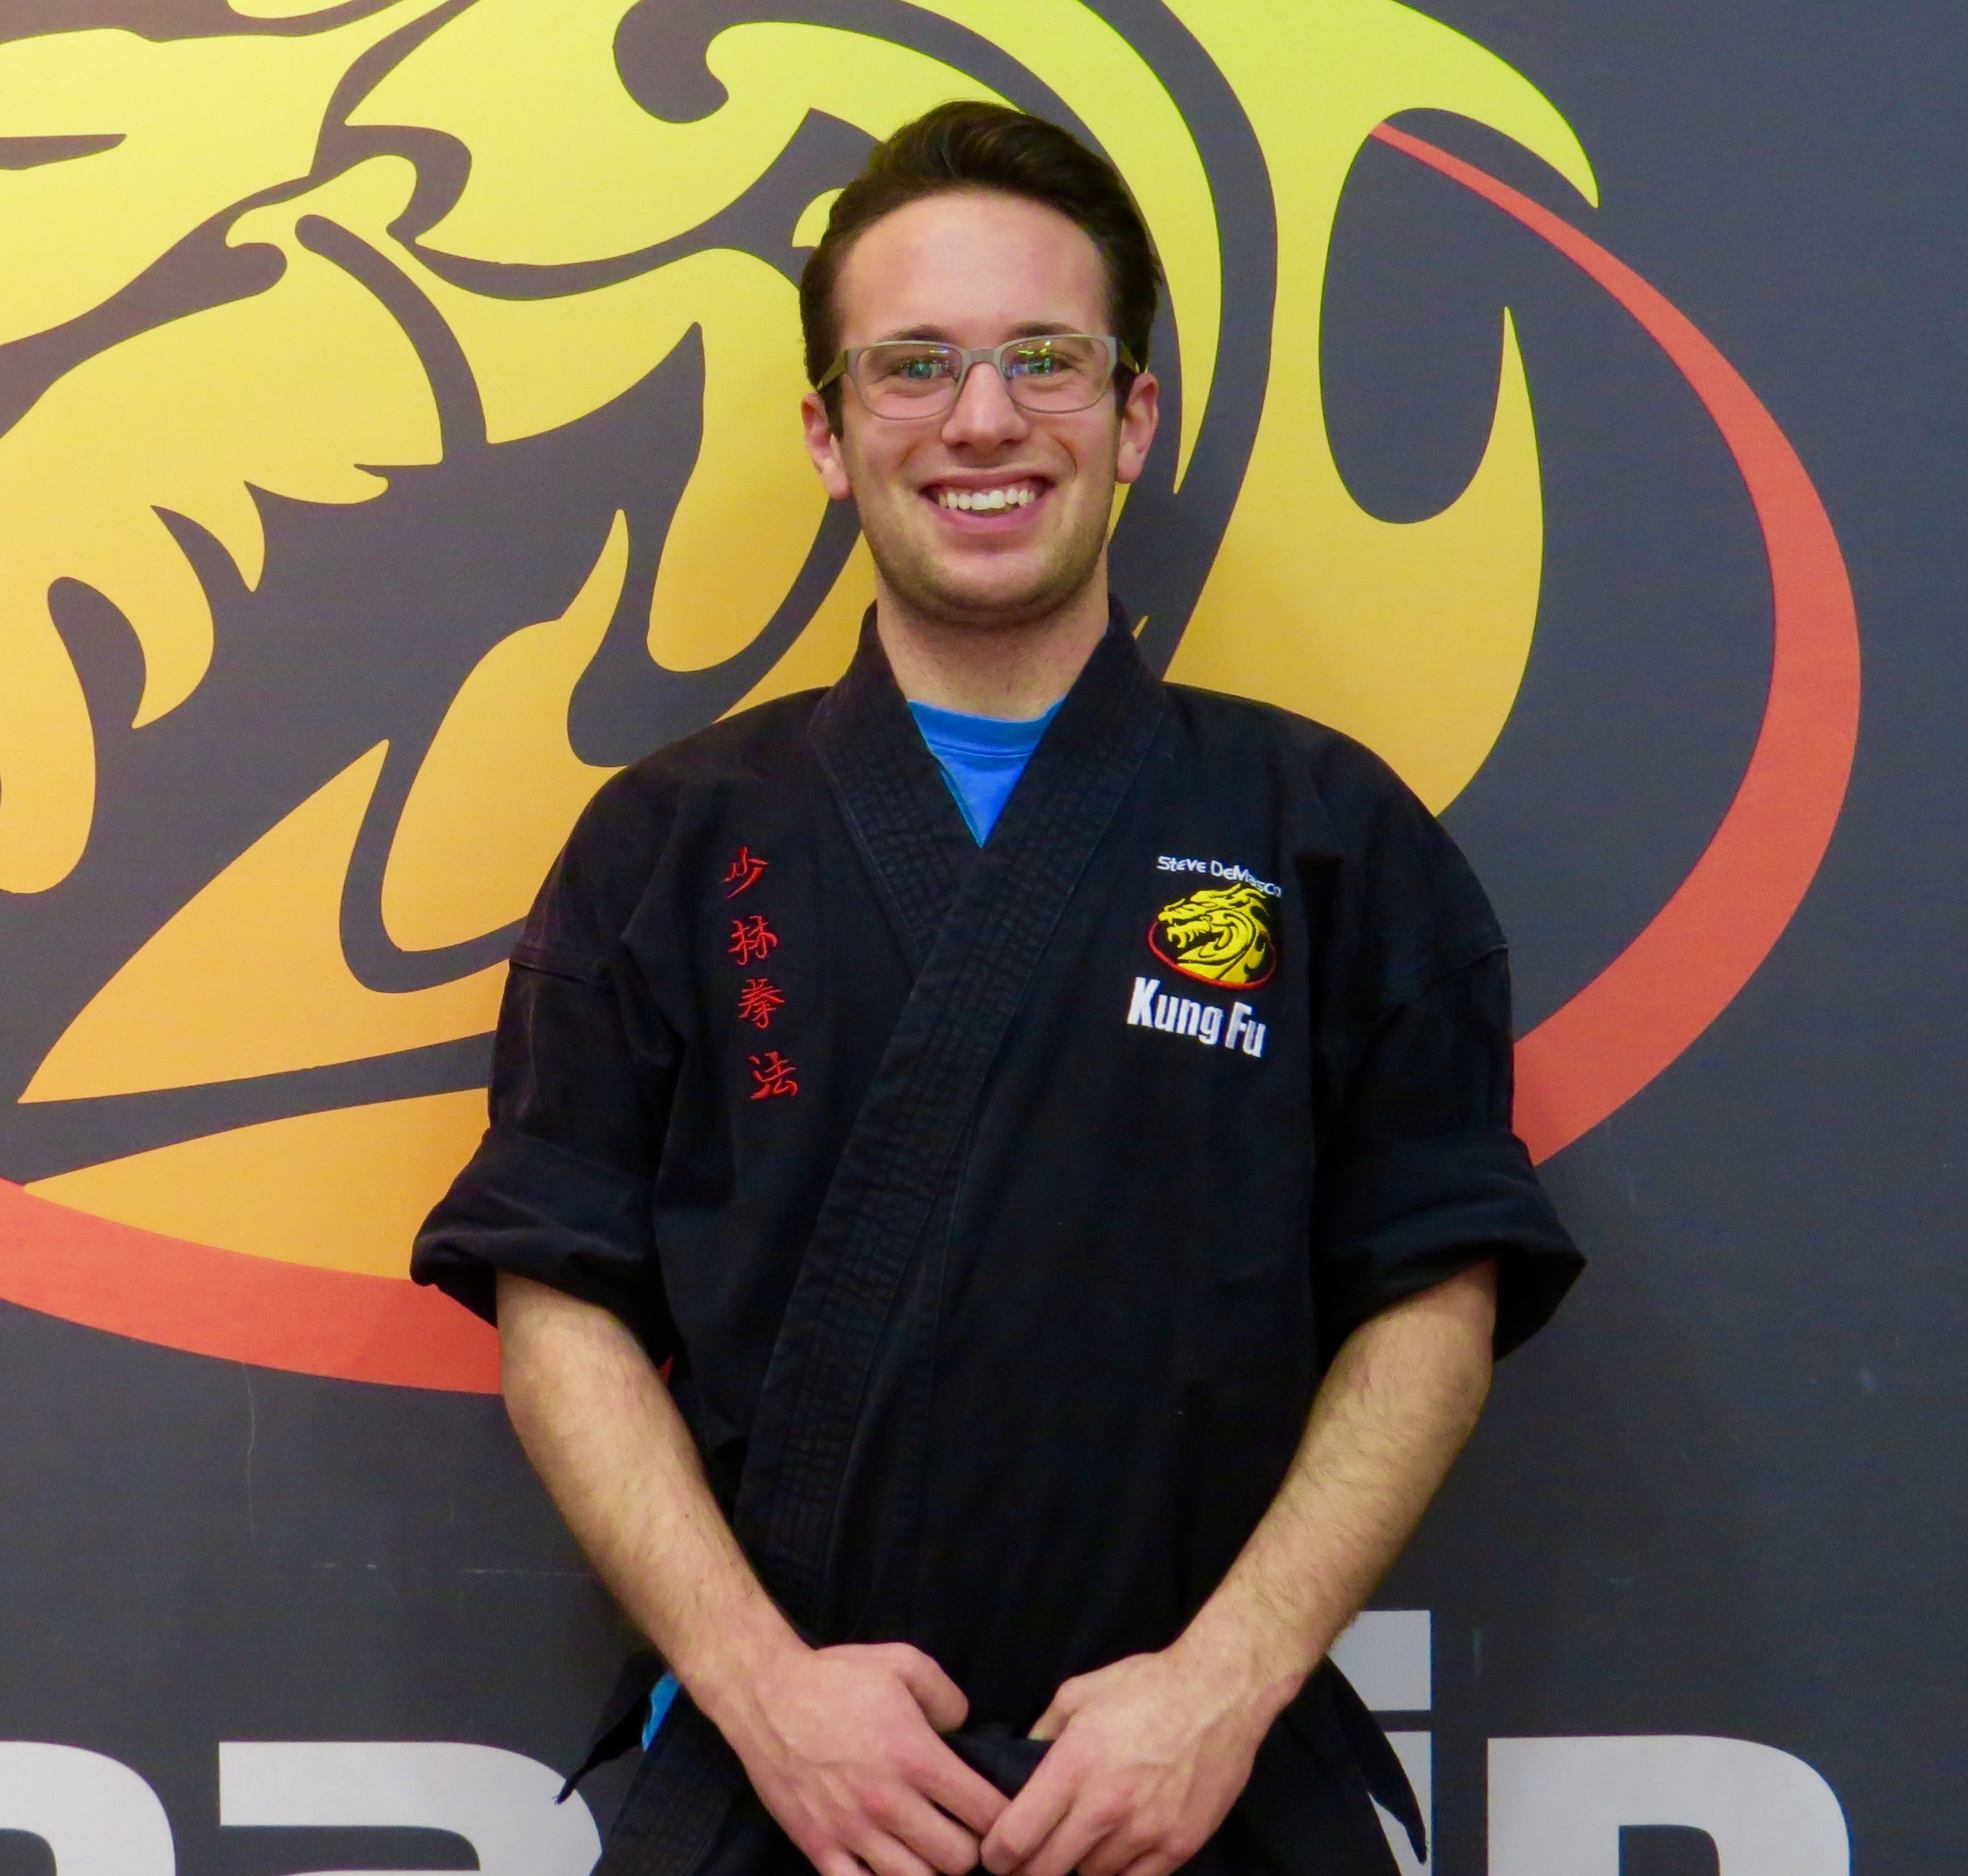 CT-Westport-Instructor-Zach Johnson-1024x1024